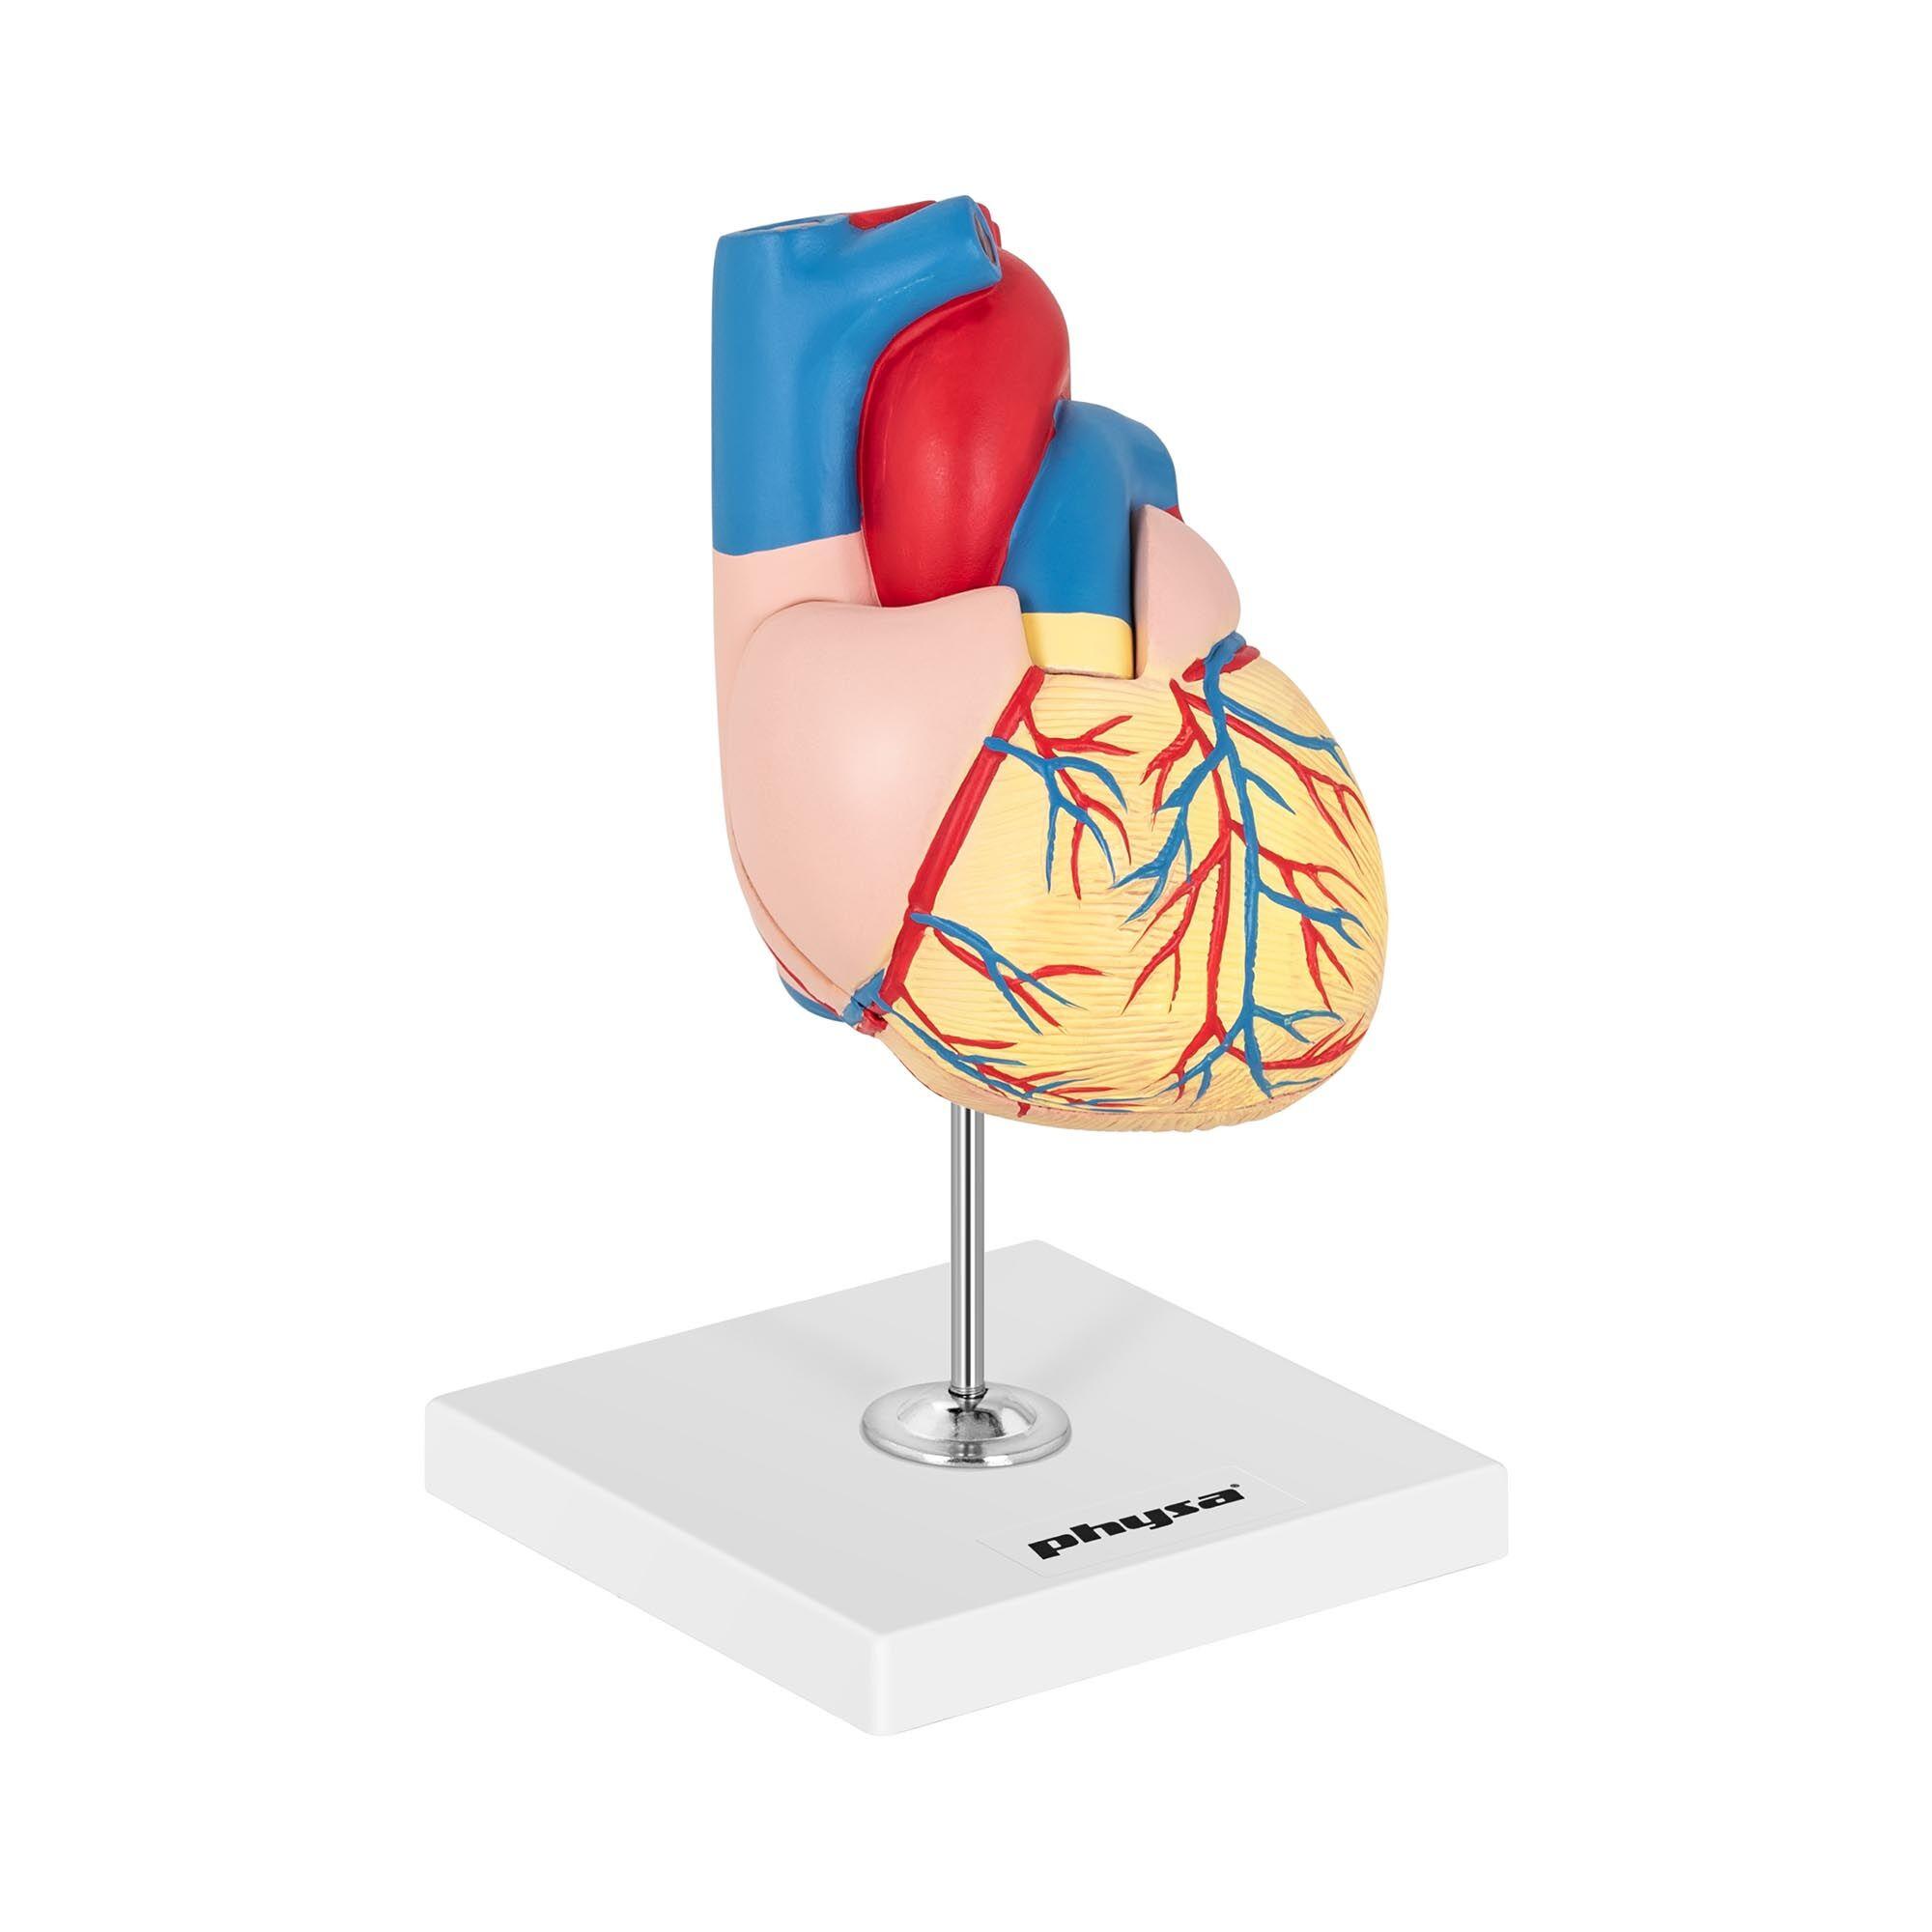 physa Maquette anatomique du cœur humain - En 2 parties - Grandeur nature PHY-HM-2